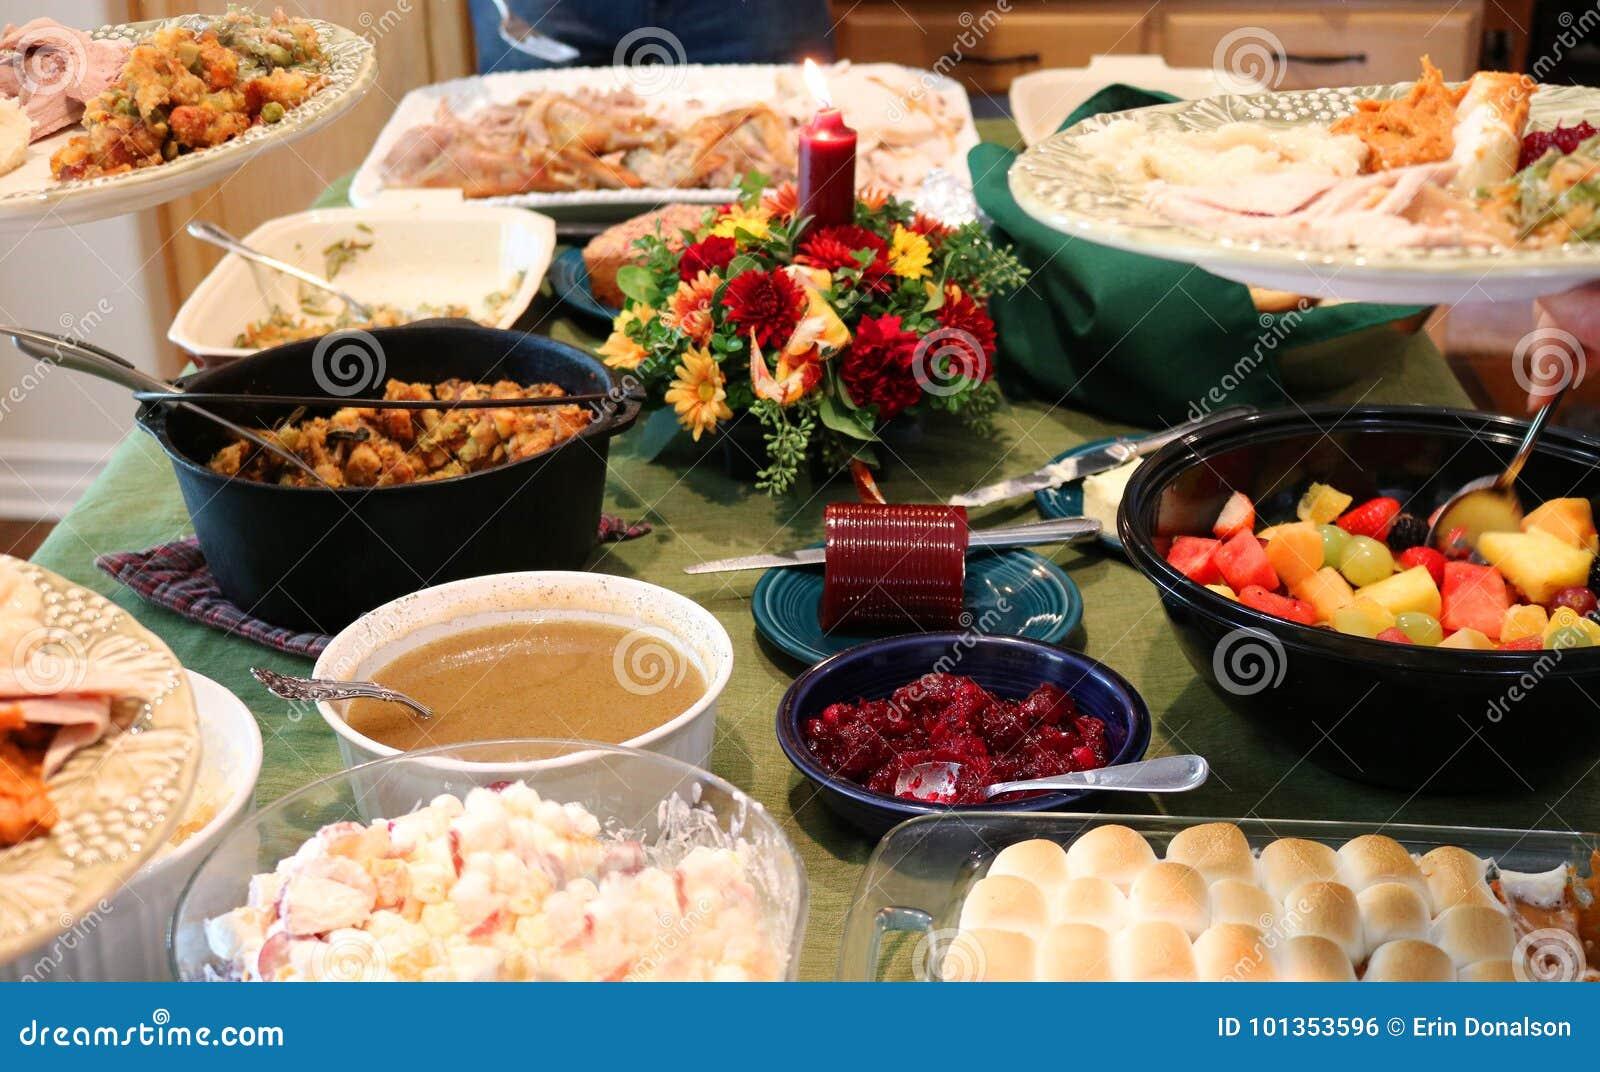 Zufälliges Danksagungs-Fest auf Tabelle mit den Platten, die gefüllt werden